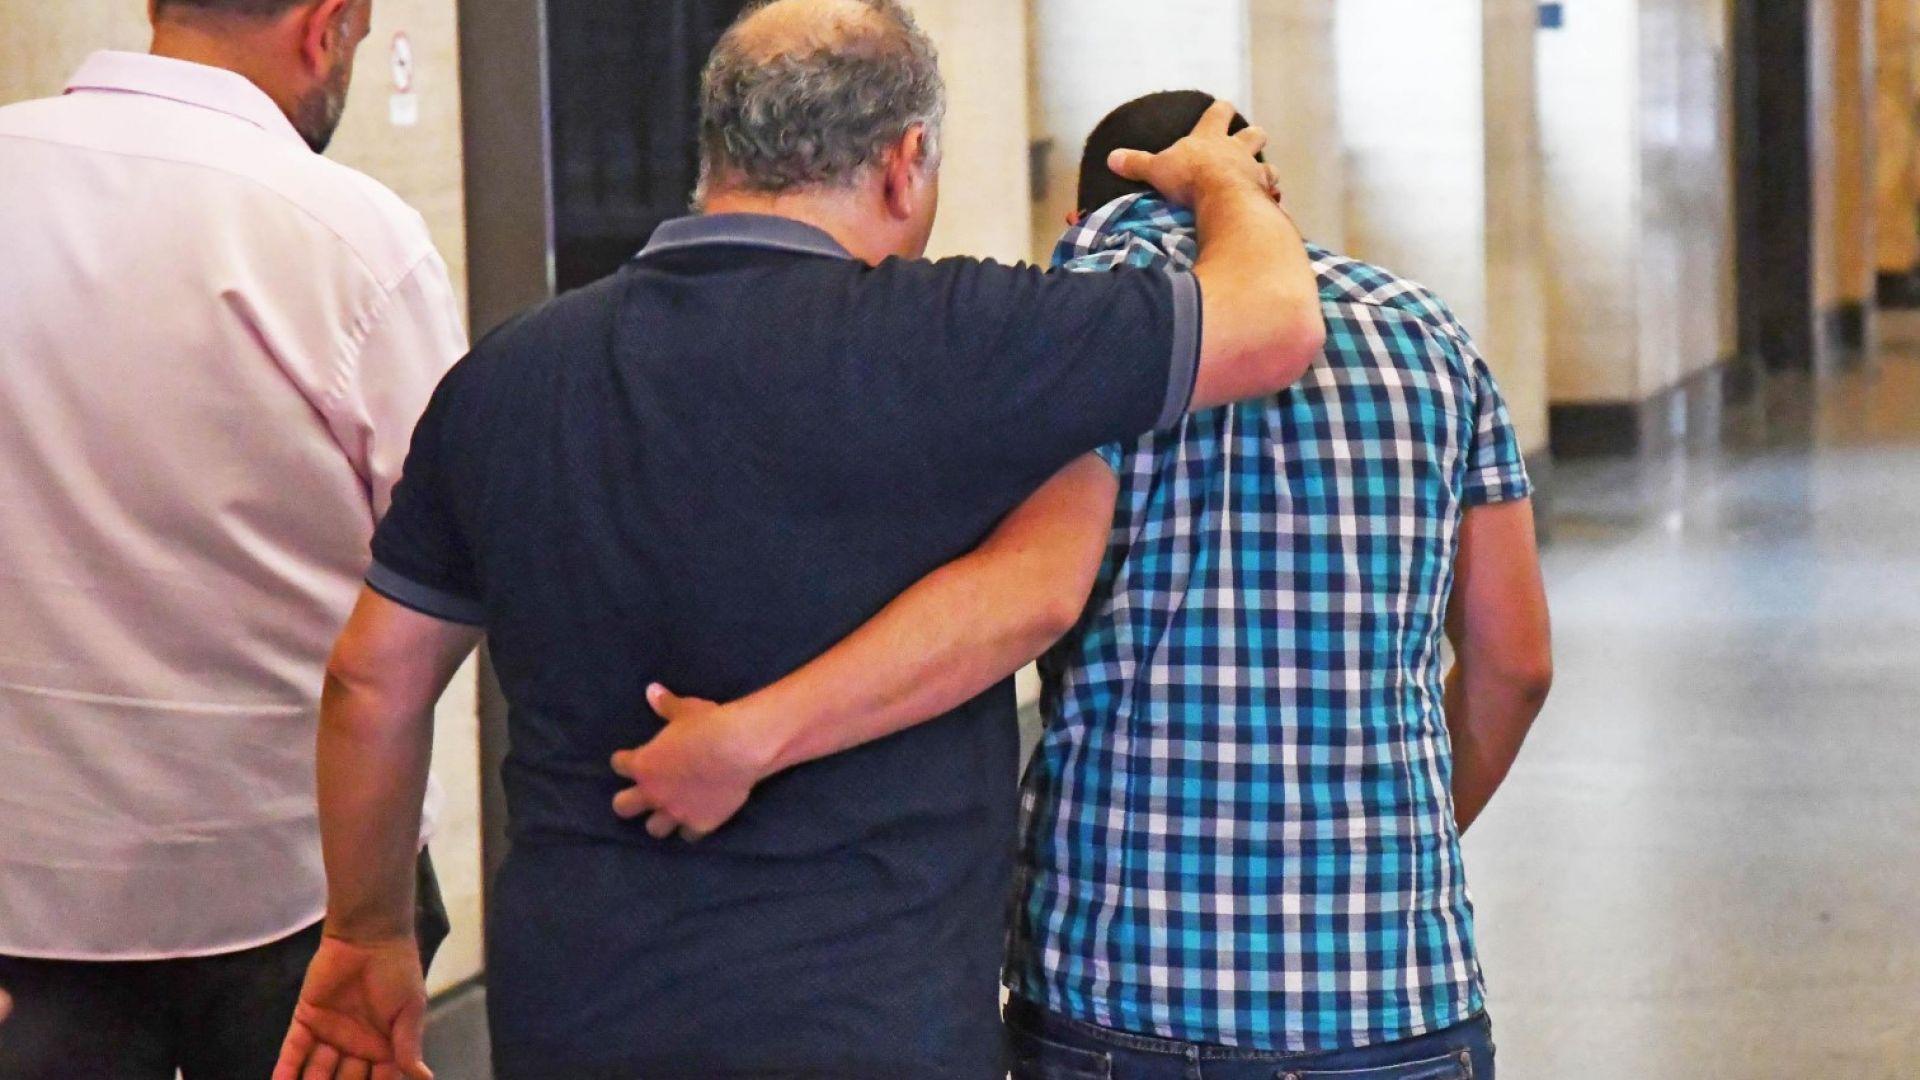 Баща търси правосъдие: Защо се стигна до условна присъда след опит за убийство?